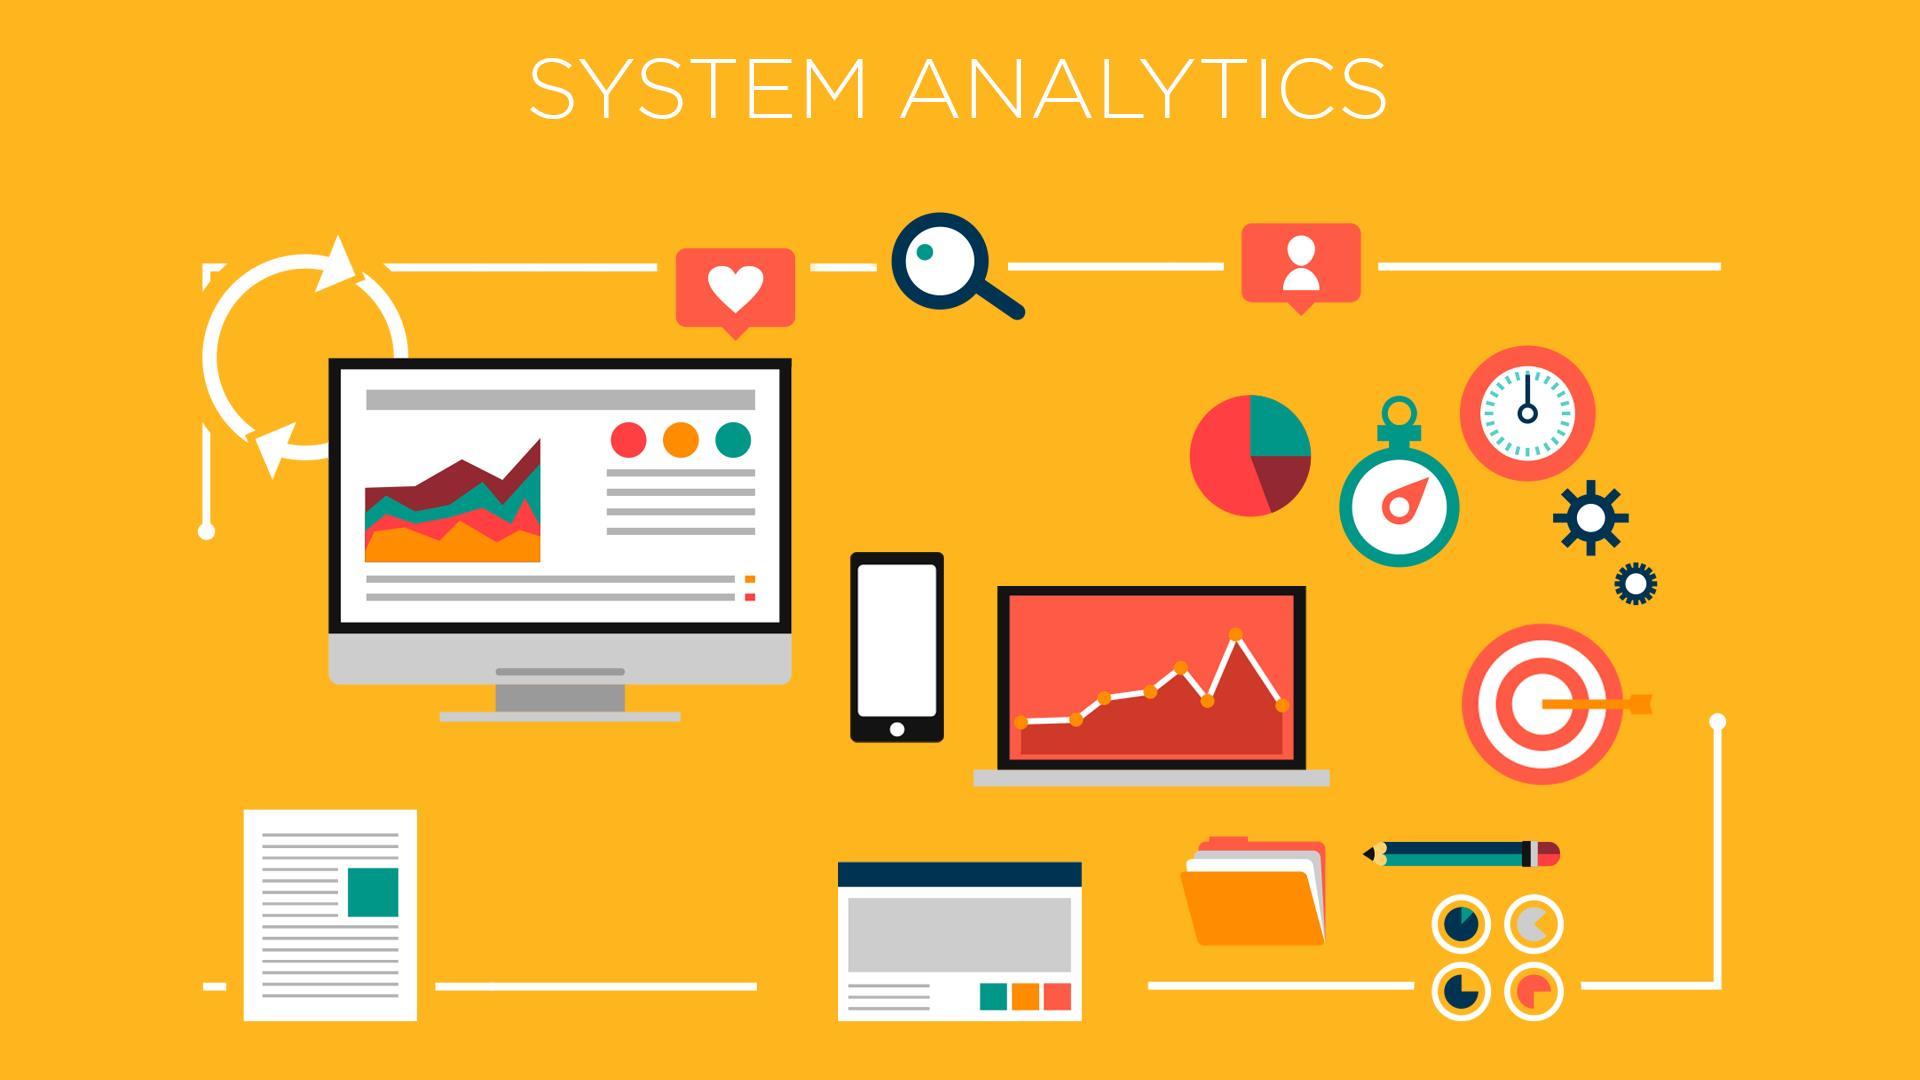 System Analytics